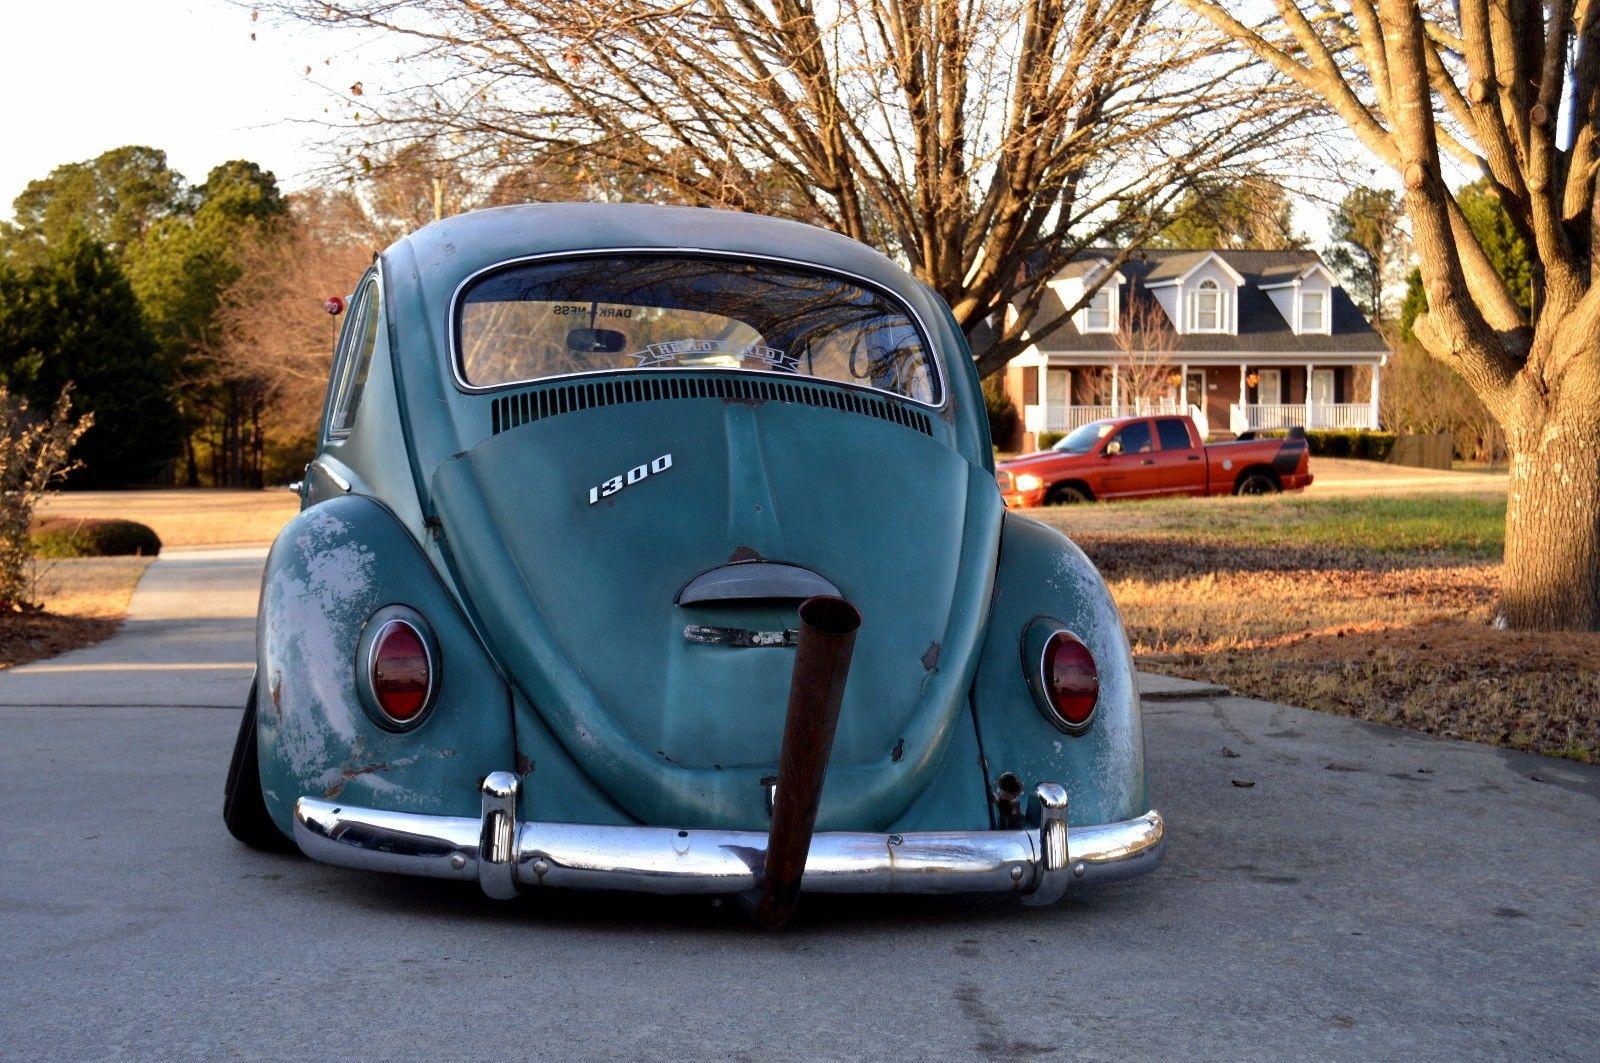 1966 Volkswagen Beetle Classic Lowered 1966 Volkswagen